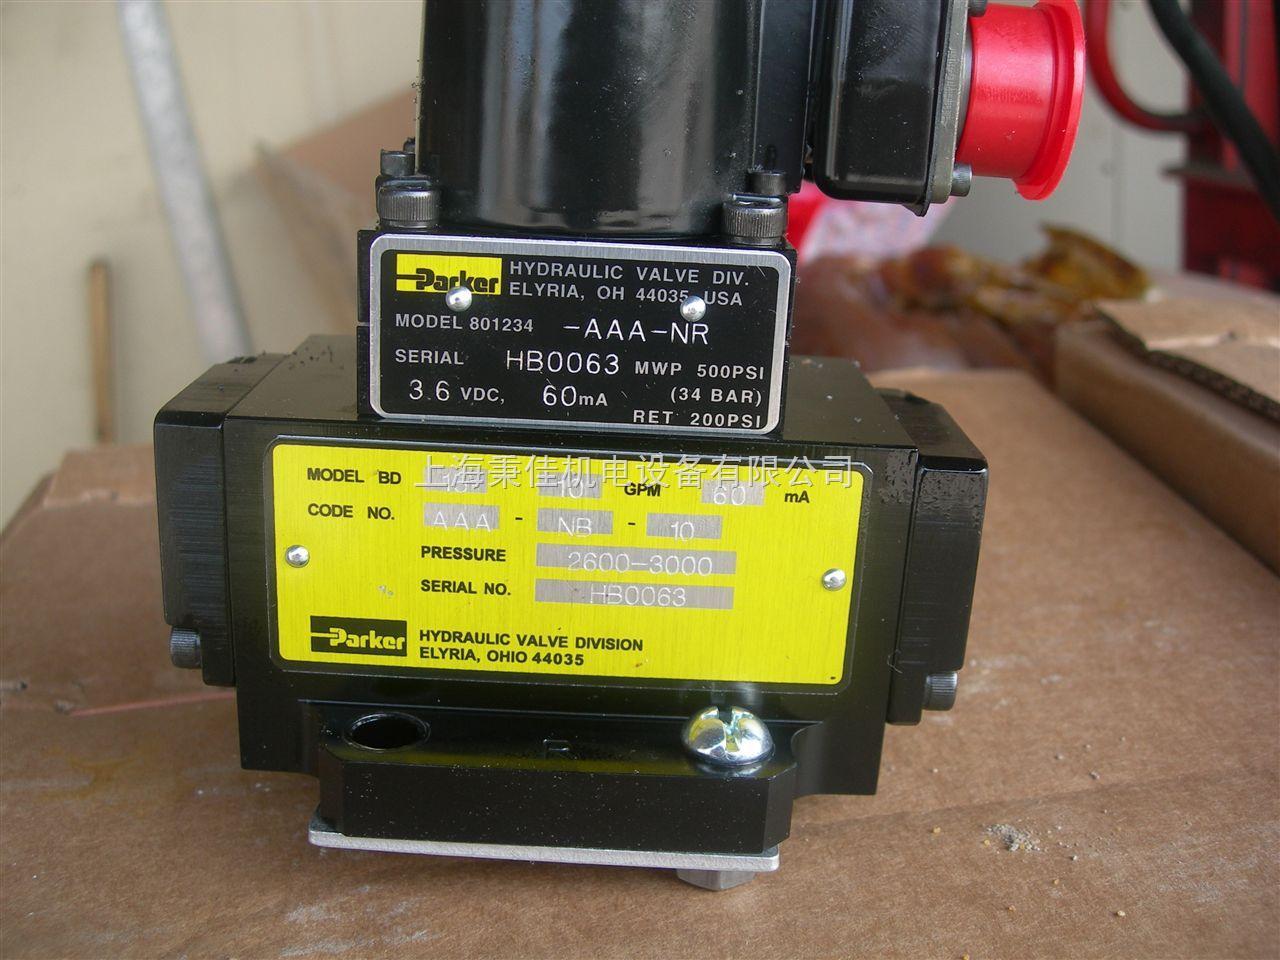 化工机械设备 泵阀类 电磁阀 上海秉佳机电设备有限公司 美国parker >